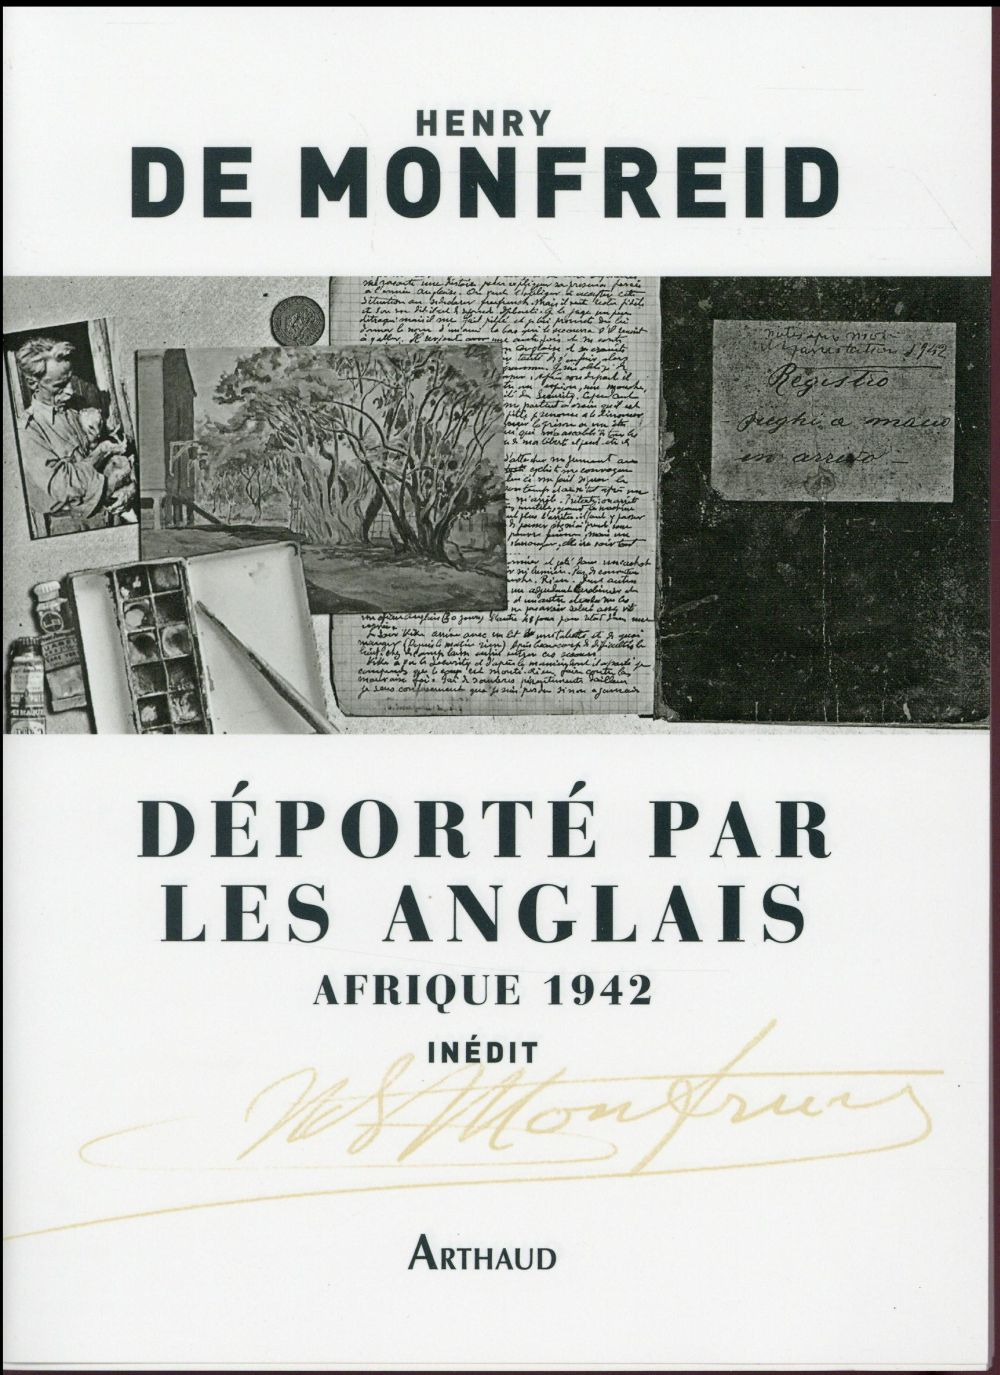 DEPORTE PAR LES ANGLAIS AFRIQUE 1942